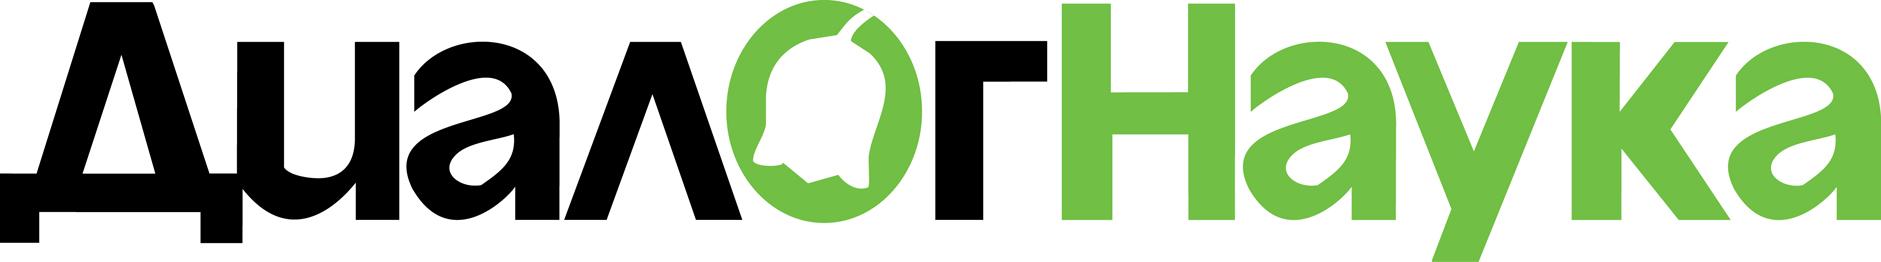 «ДиалогНаука» провела оценку соответствия «ОТП Банка» требованиям нормативных документов Центробанка по защите информации